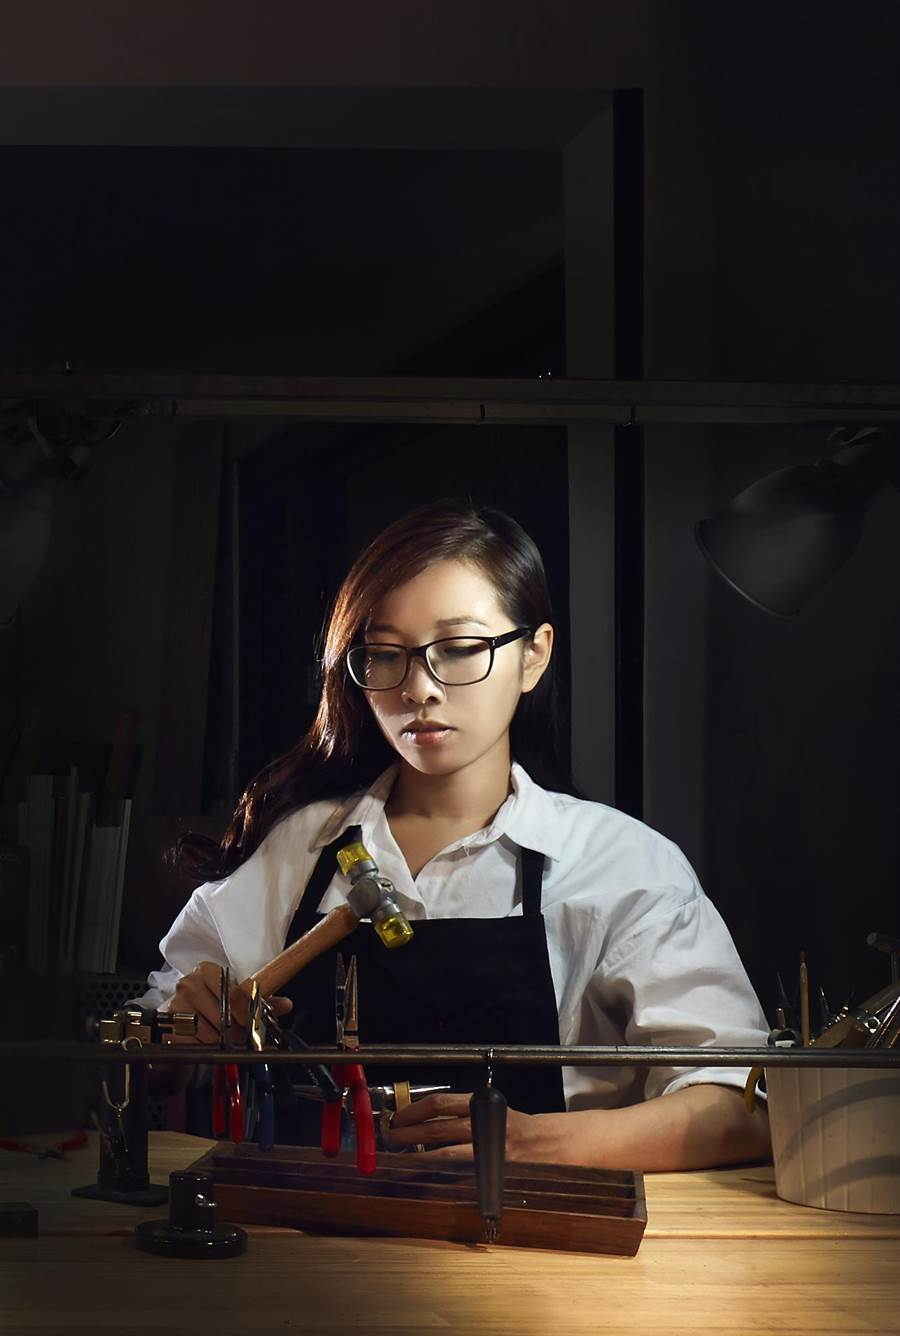 大葉大學造藝系校友陳映秀不只專注於創作金工藝術,更積極推廣金工藝術。(謝瓊雲翻攝)